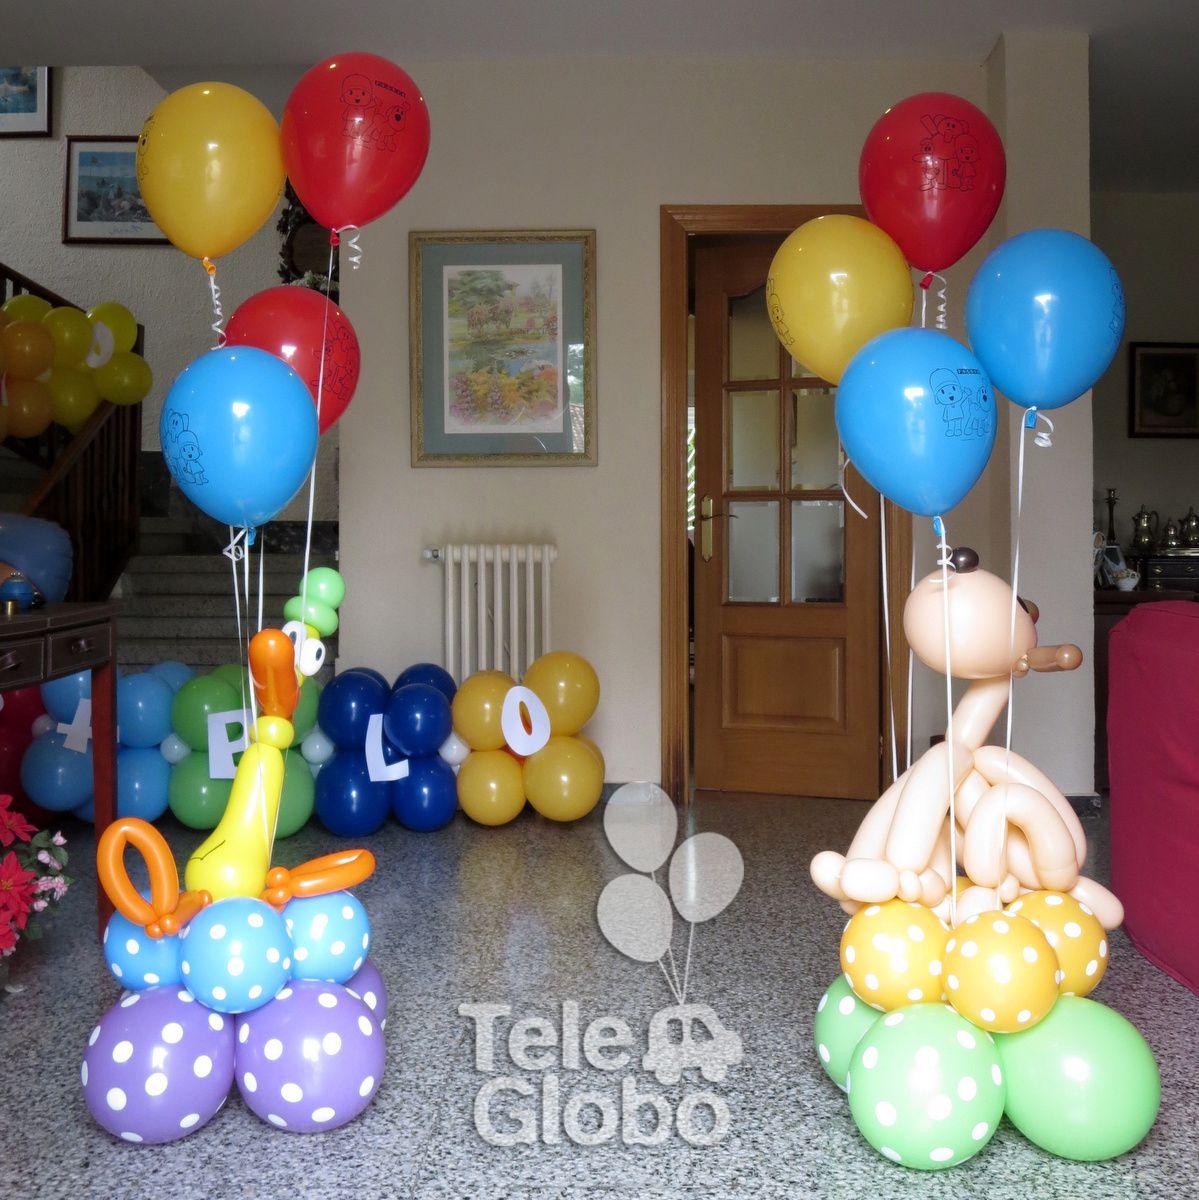 Loula y pato de pocoy para una decoraci n de cumplea os - Decoraciones para cumpleanos infantiles ...